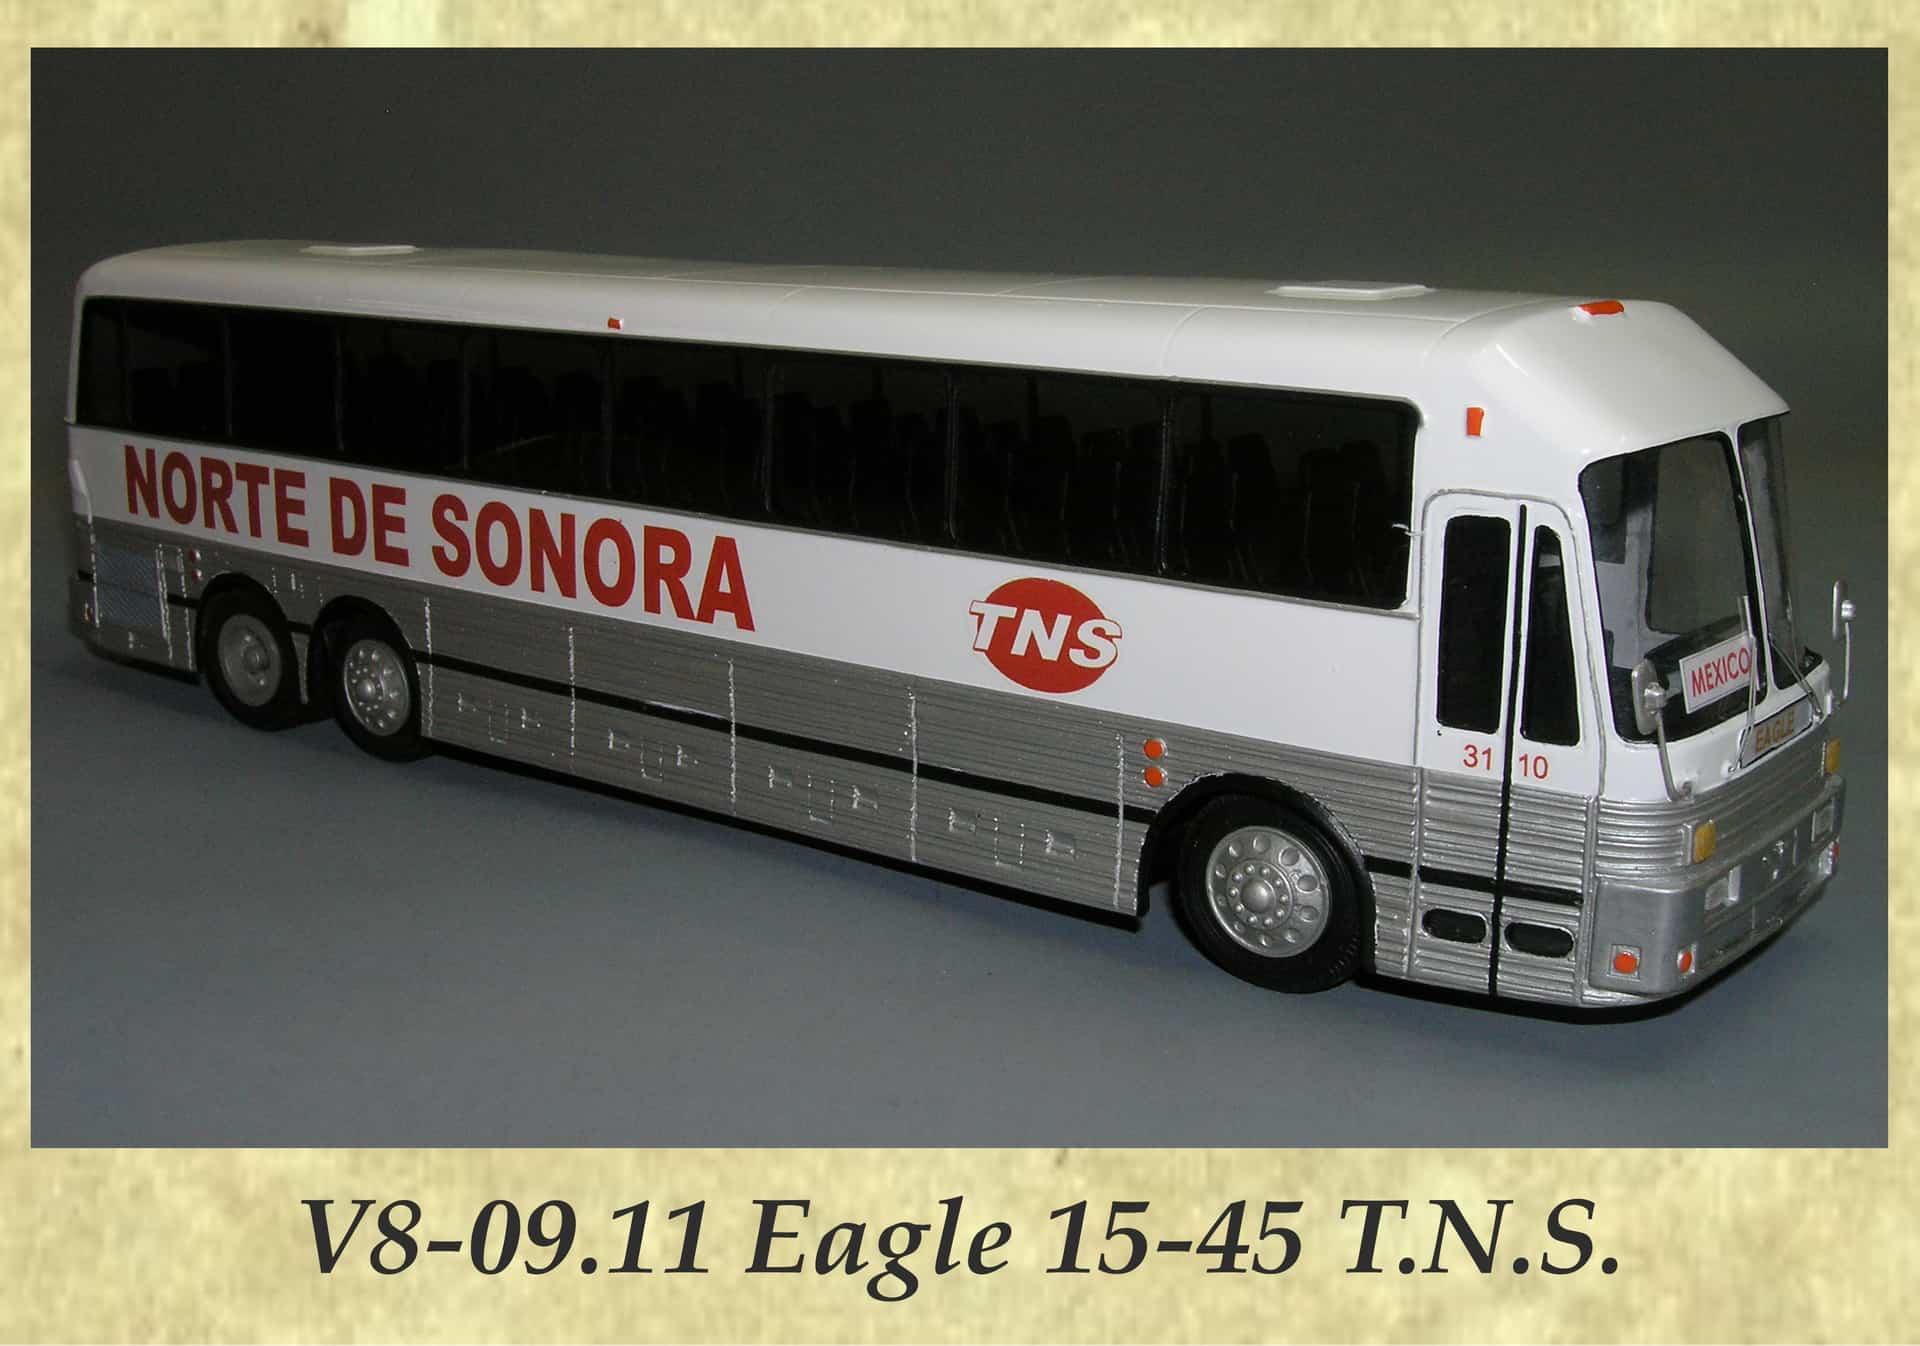 V8-09.11 Eagle 15-45 T.N.S.